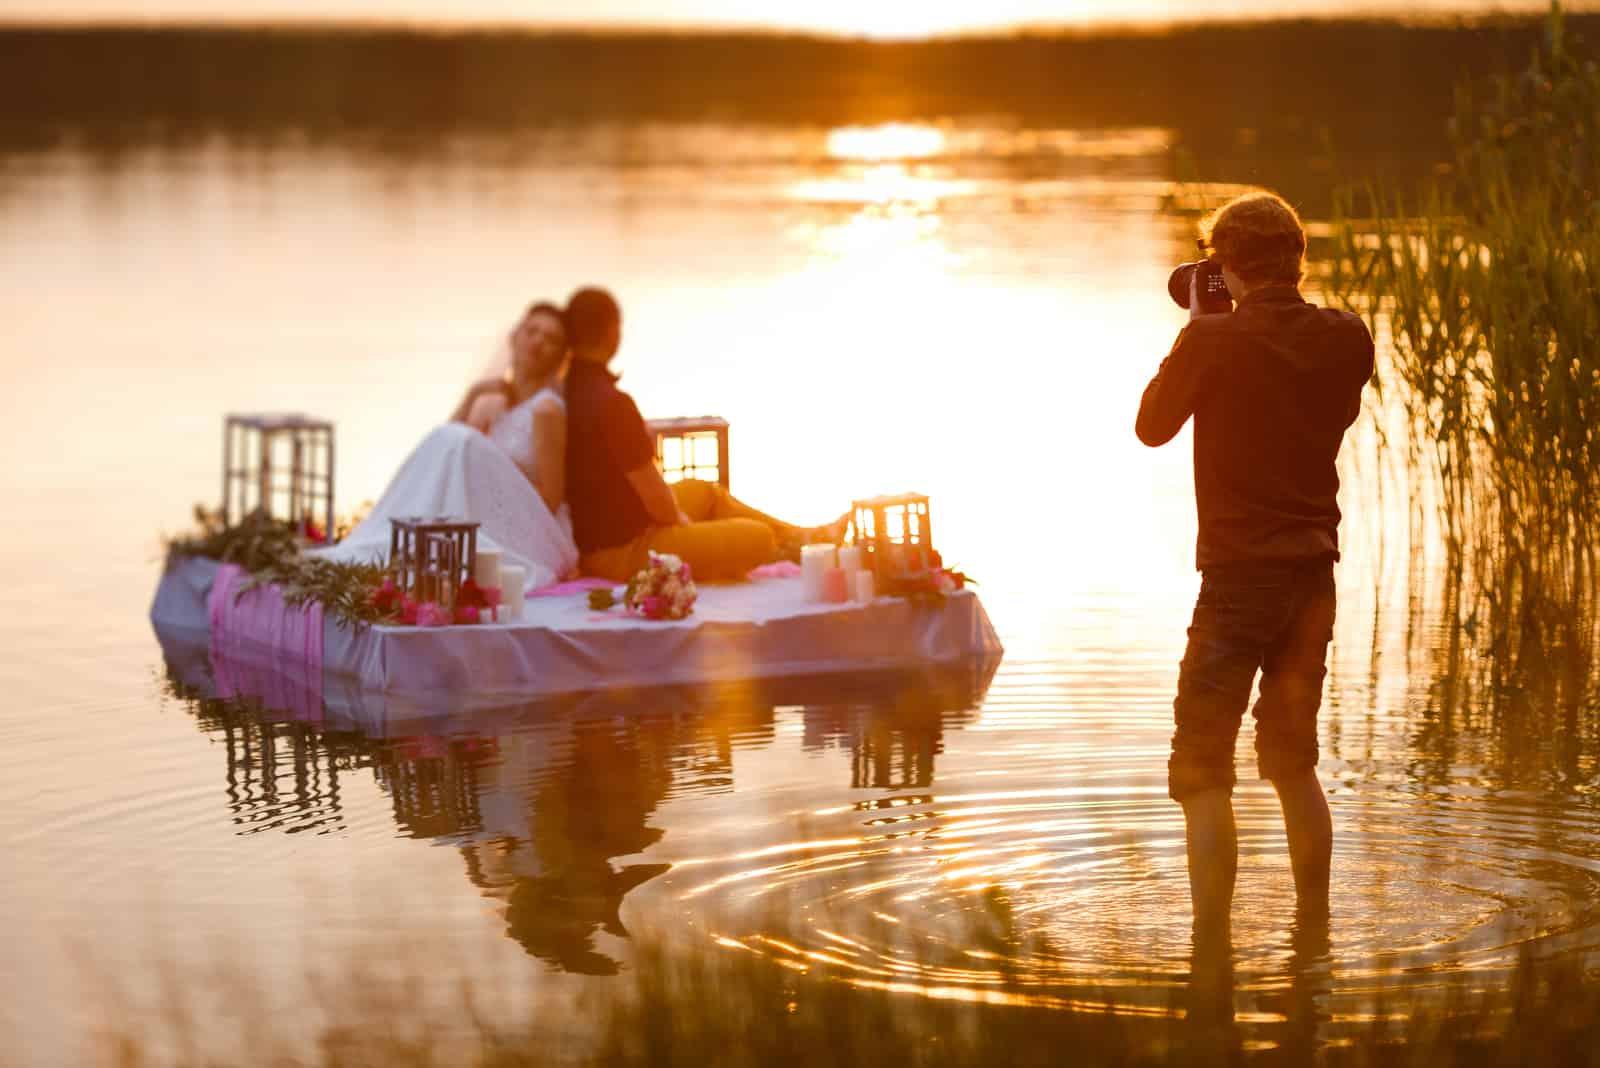 Ein Hochzeitsfotograf fotografiert das Brautpaar auf einem Floß im See